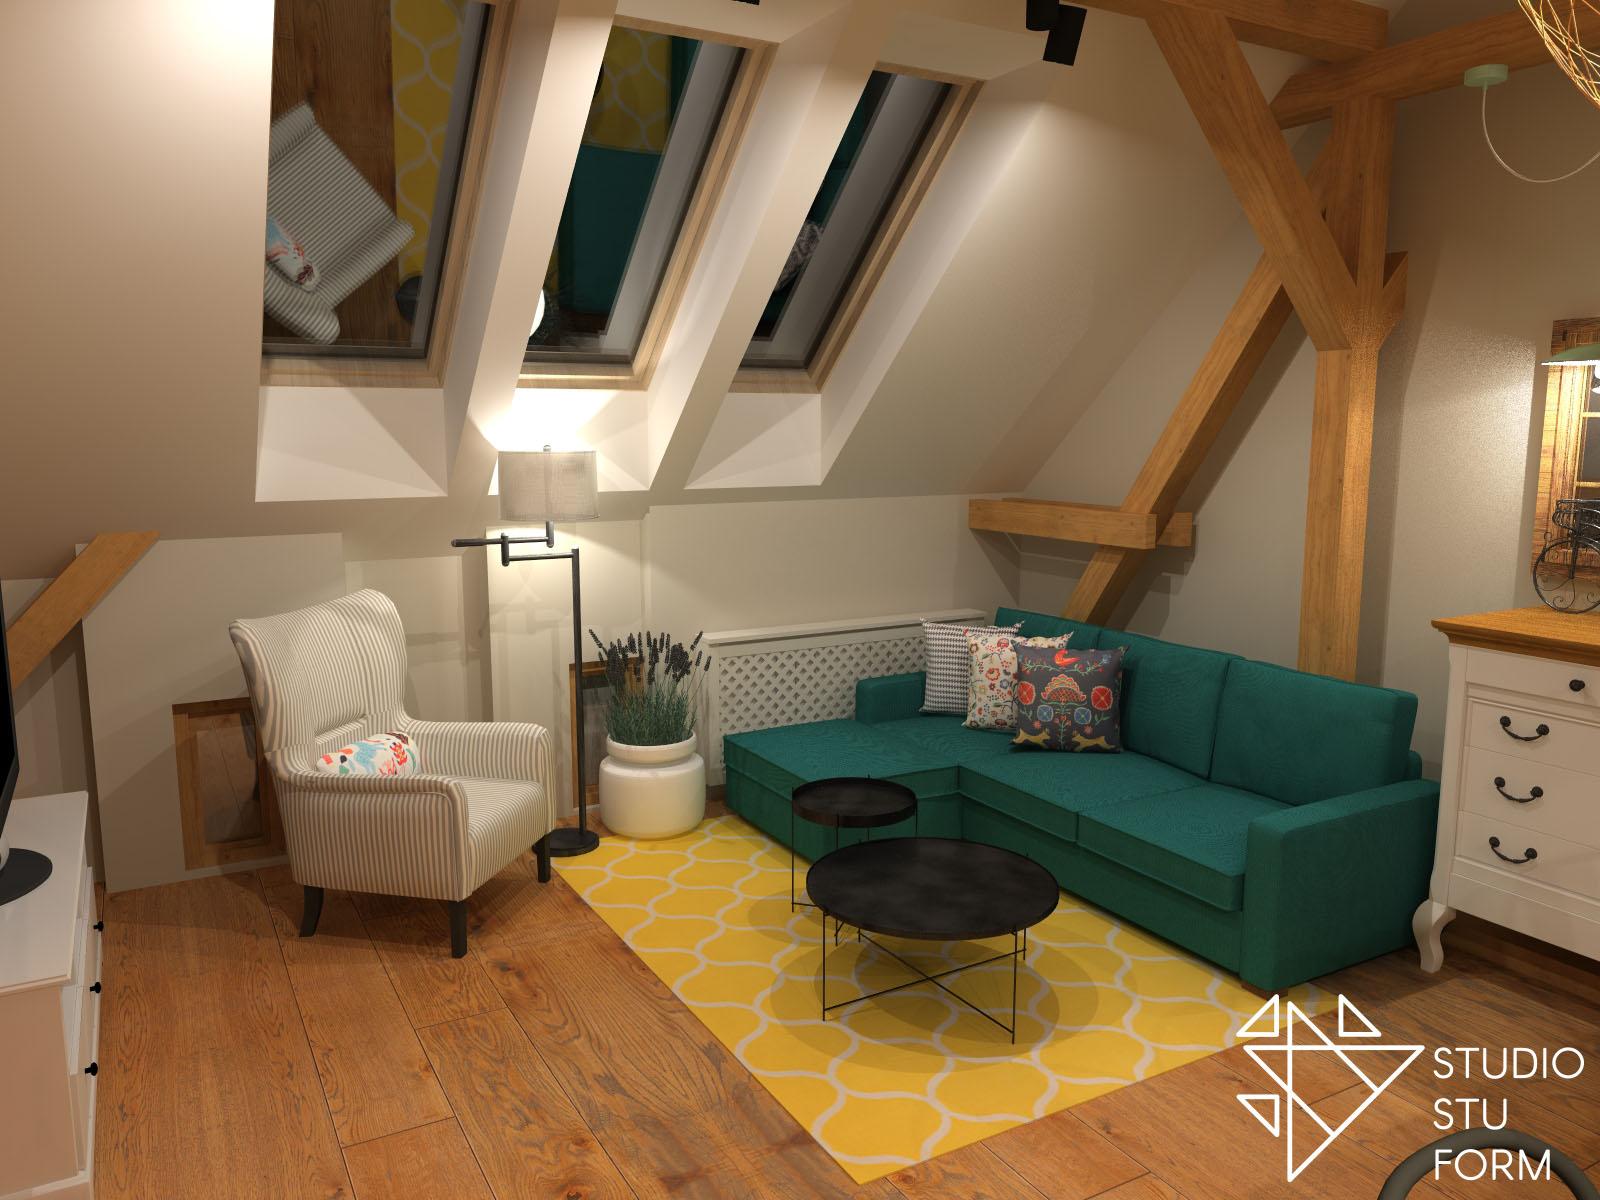 salon z turkusową kanapą